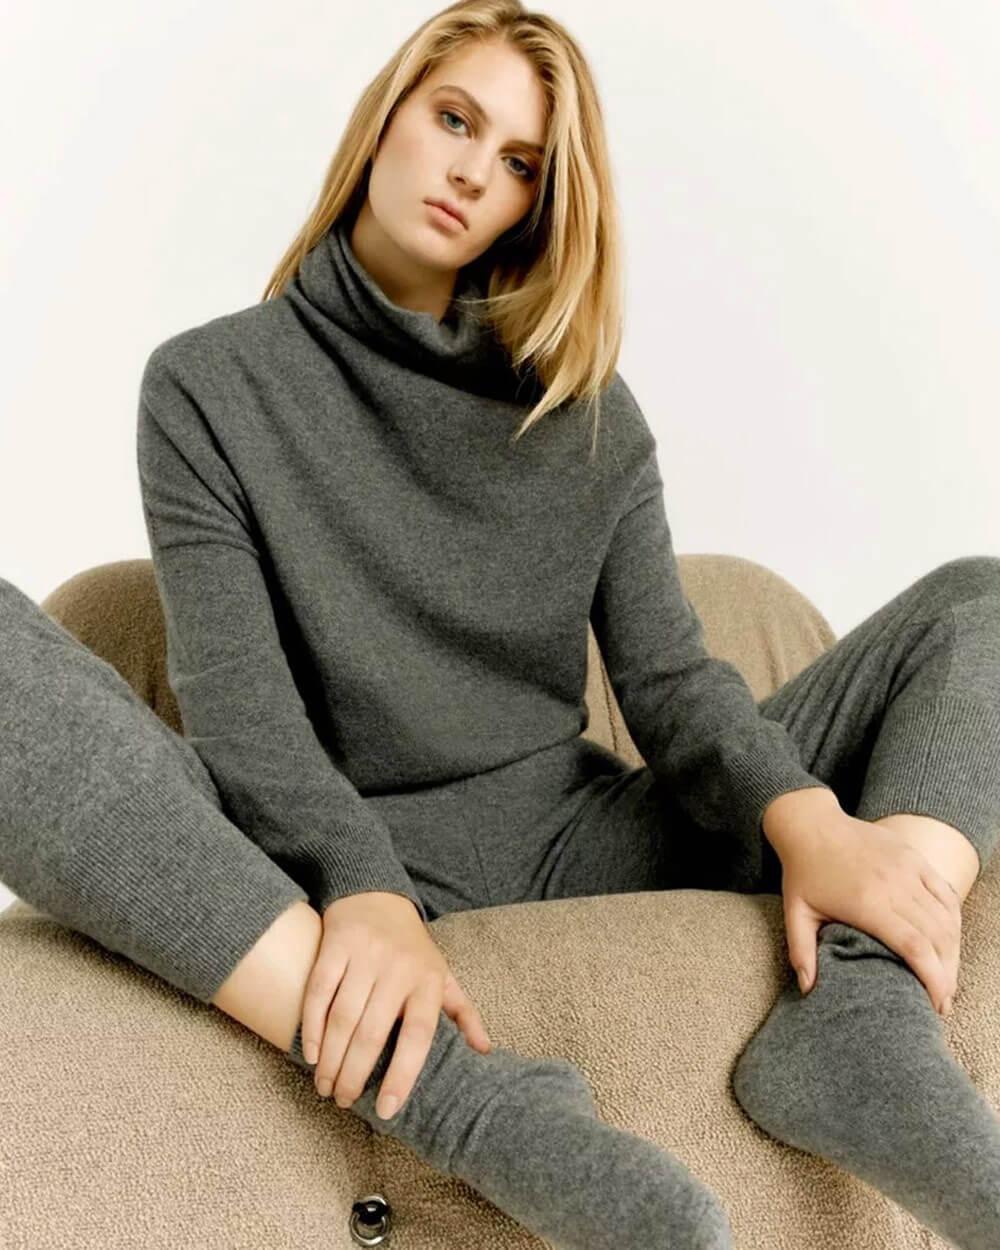 Cuyana sustainable clothing